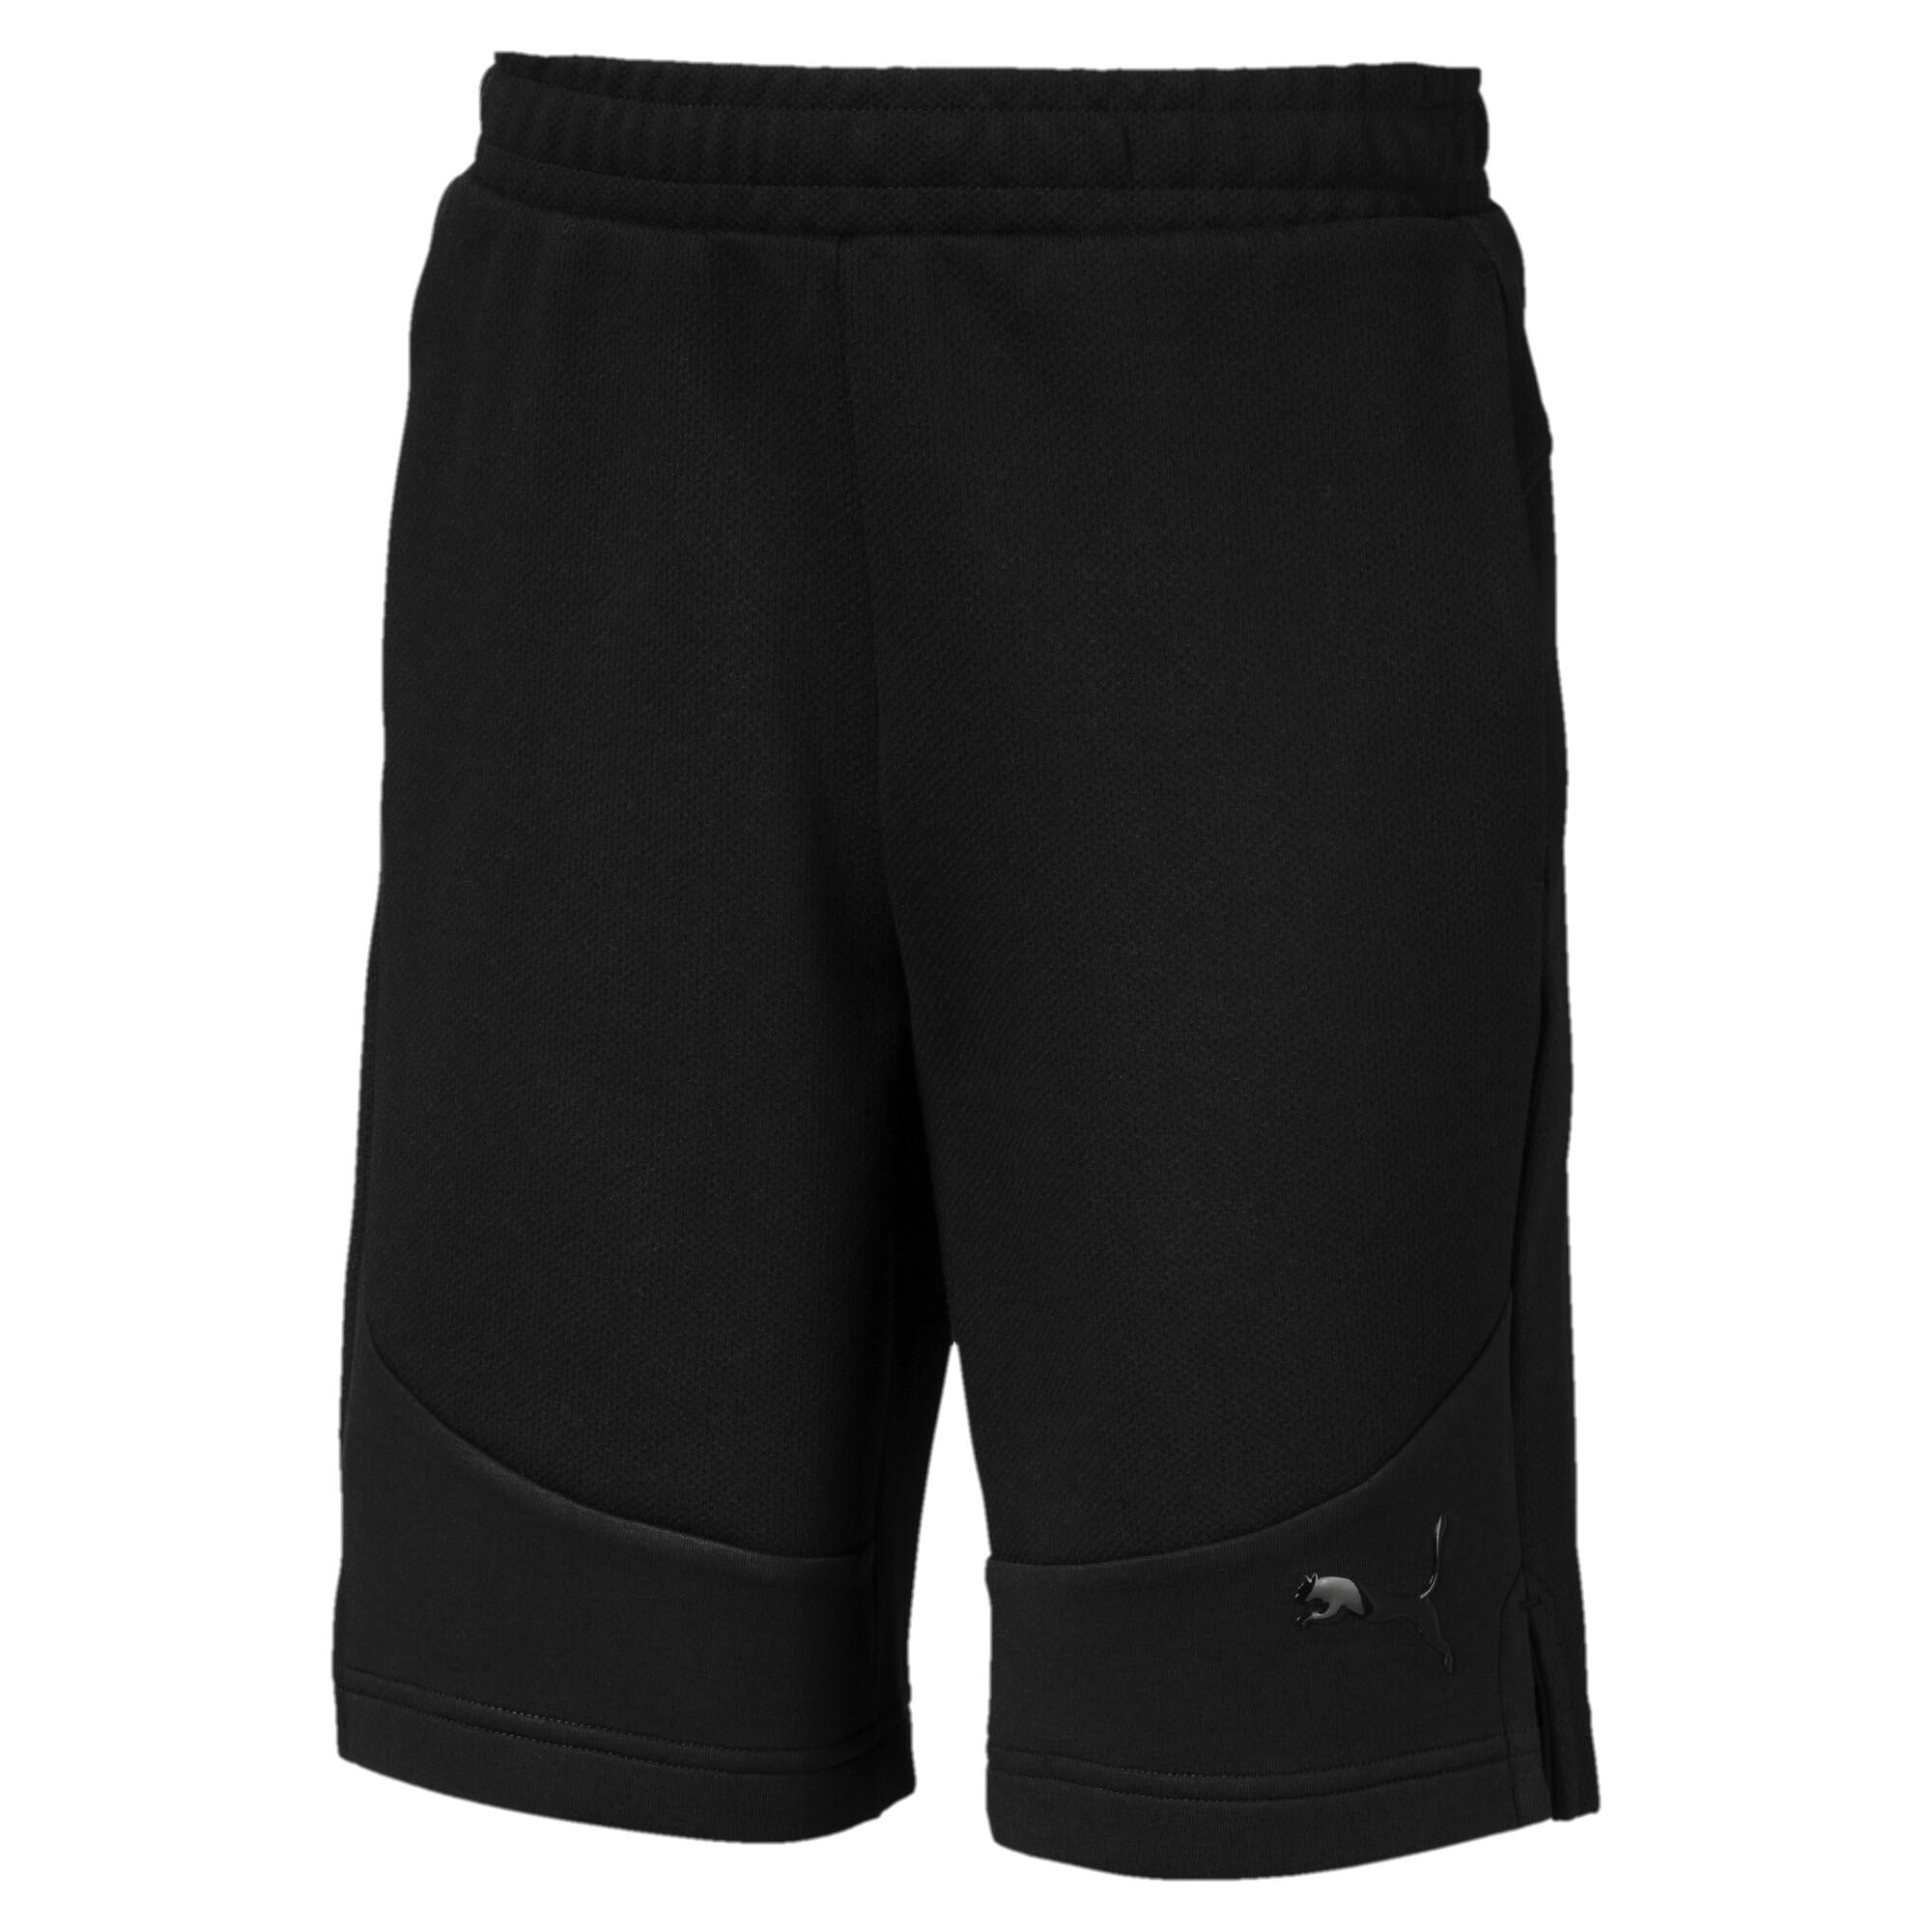 【プーマ公式通販】 プーマ キッズ EVOSTRIPE ショーツ メンズ Cotton Black |PUMA.com